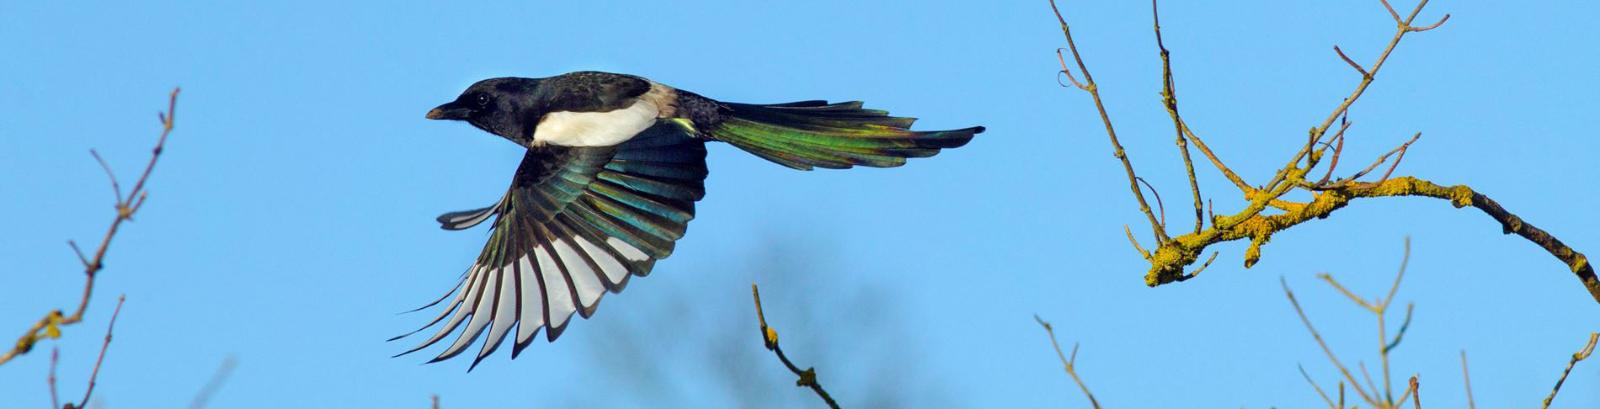 زاغچه، آفت پرنده